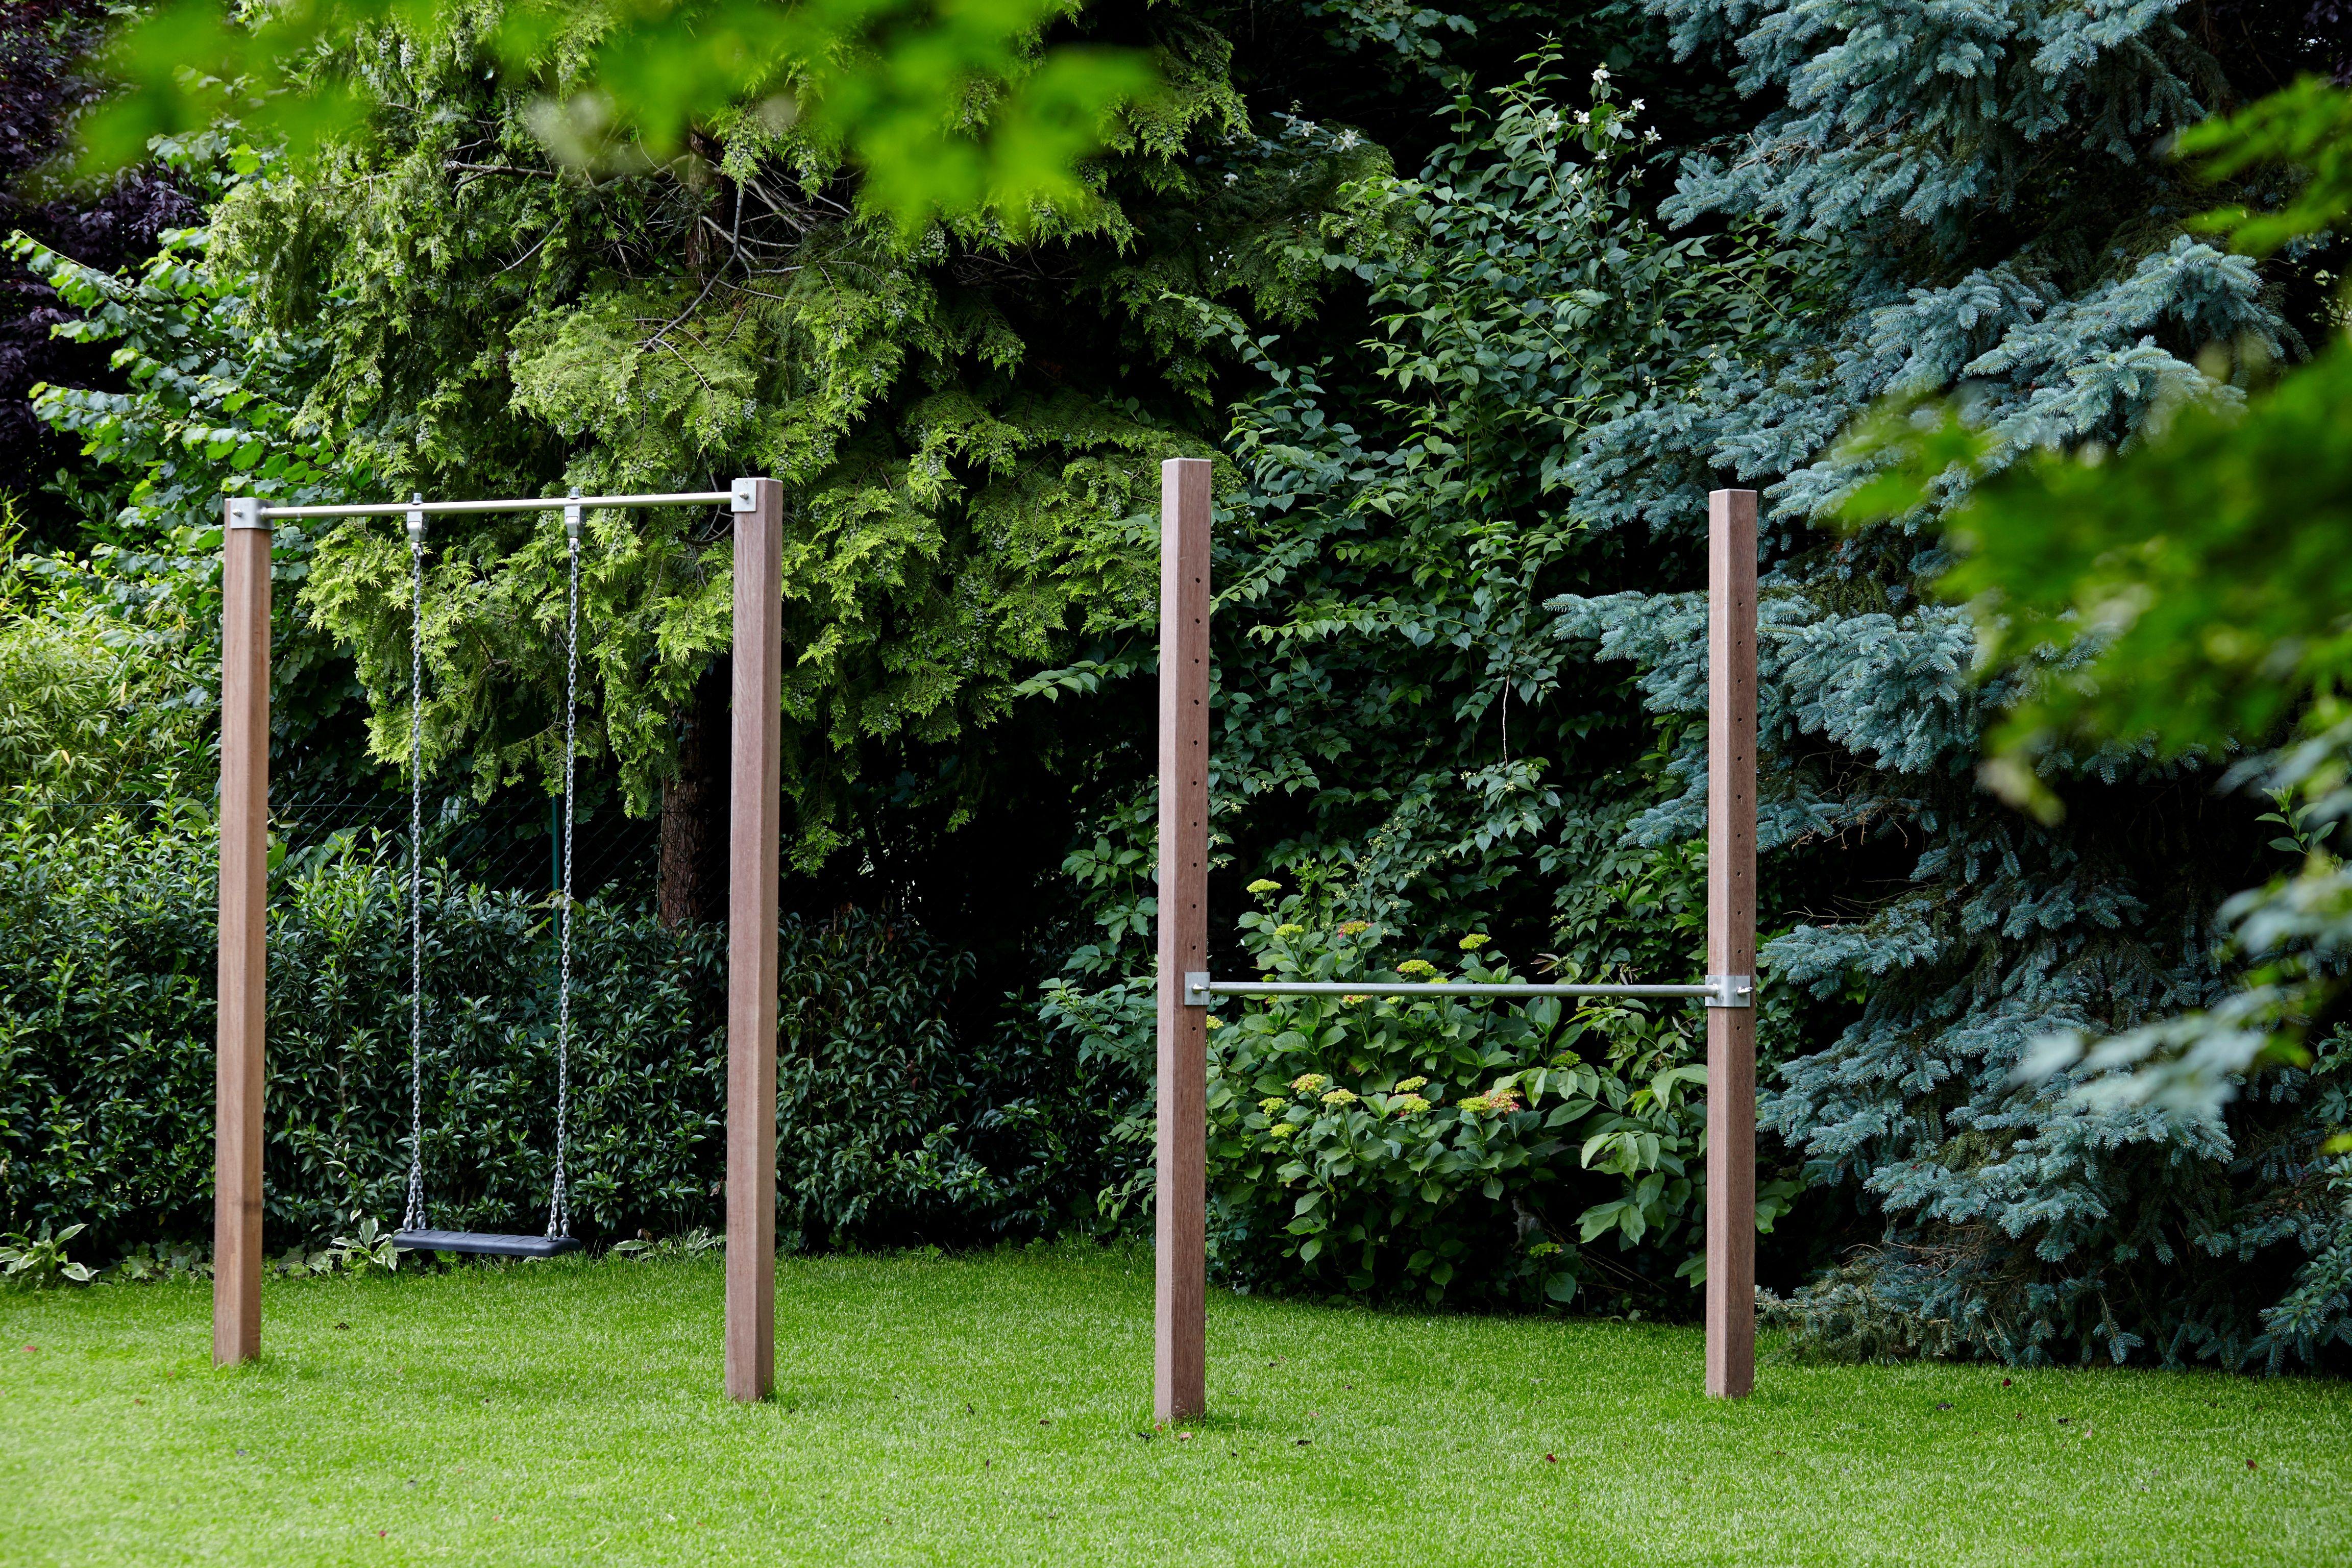 Pin von Angelique Banker auf Yard design | Pinterest | Privatgarten ...